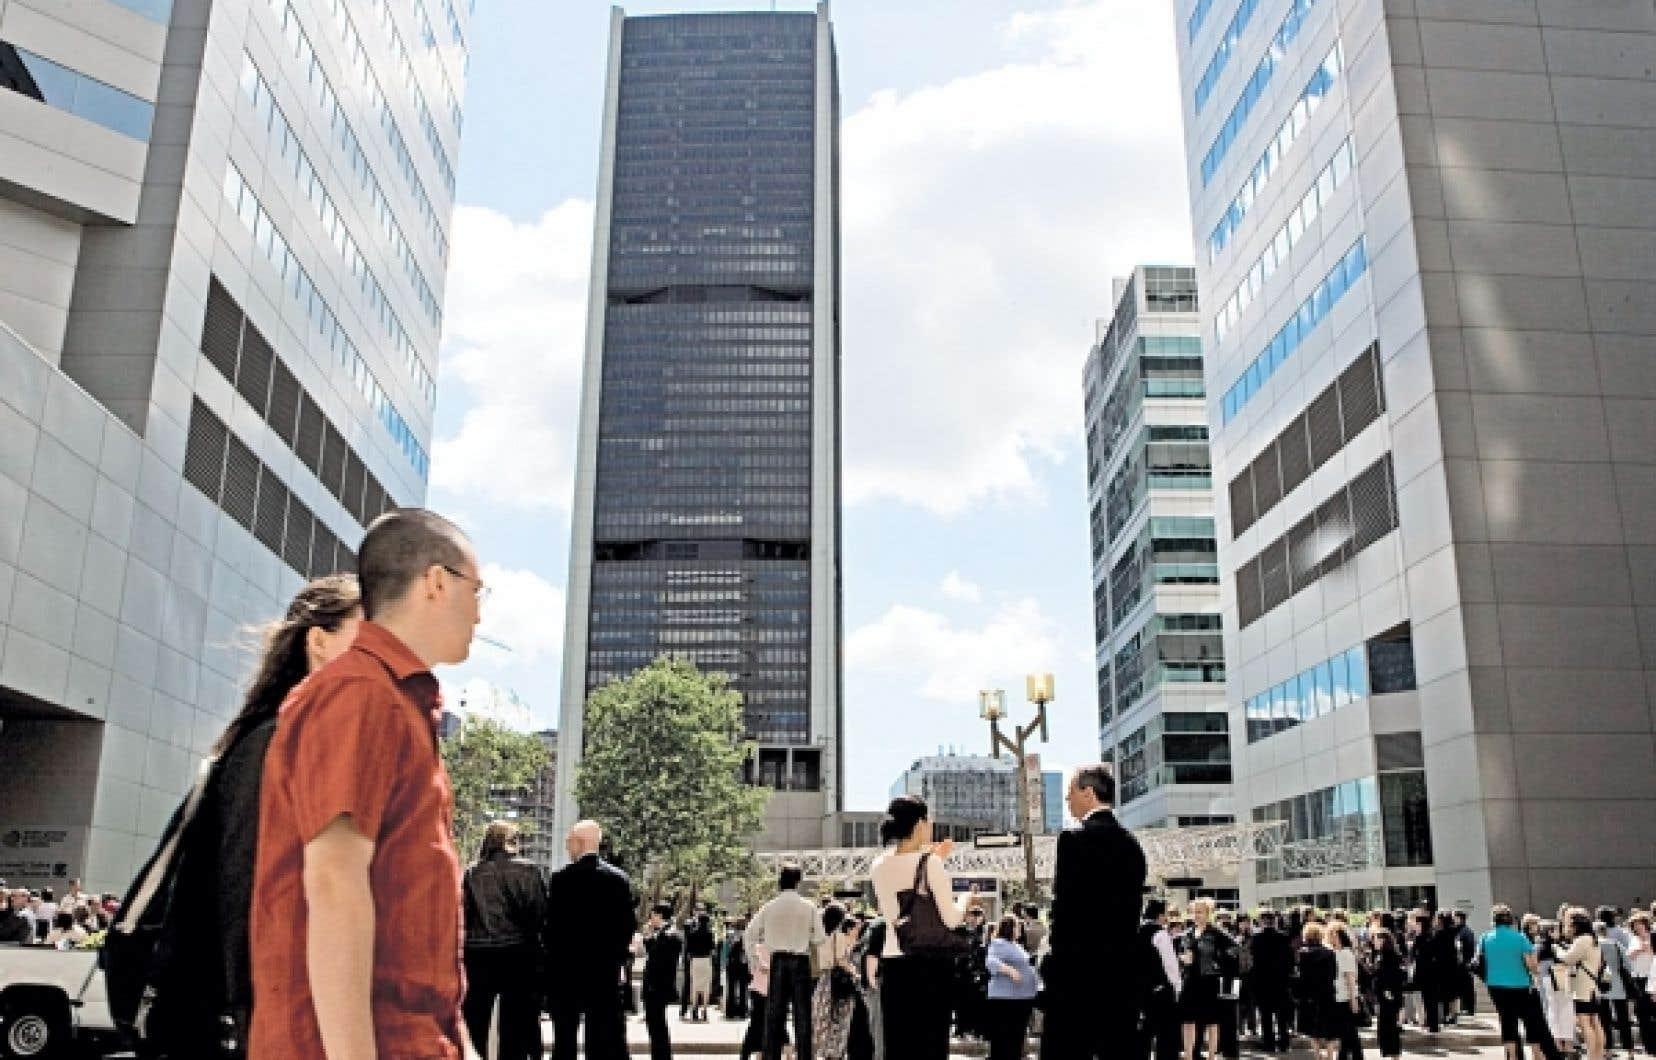 Le quartier des affaires à Montréal. L'élection d'un gouvernement du Parti québécois n'a pas suscité beaucoup d'émoi dans la communauté d'affaires, le gouvernement minoritaire de Pauline Marois n'ayant pas les coudées franches pour réaliser son programme électoral.